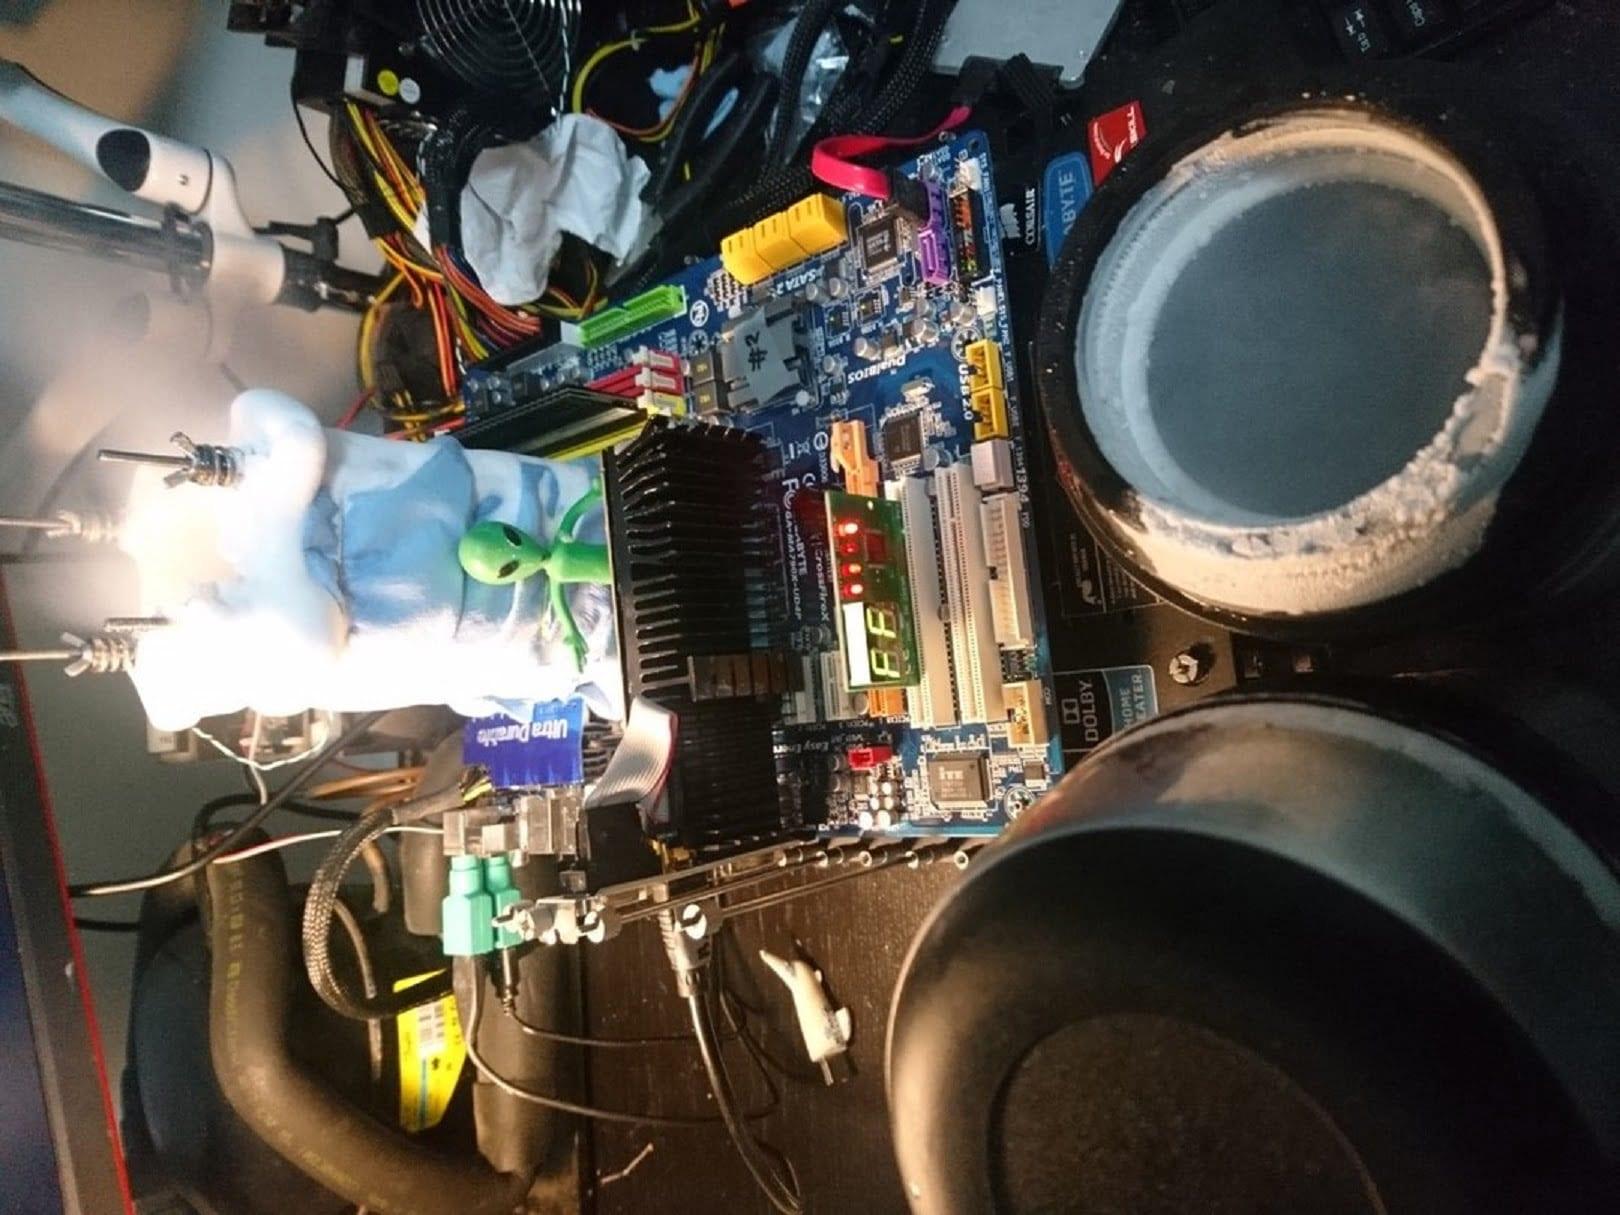 sergmann отличился первым местом в модельном зачете чипа Intel Core i9-9900KS